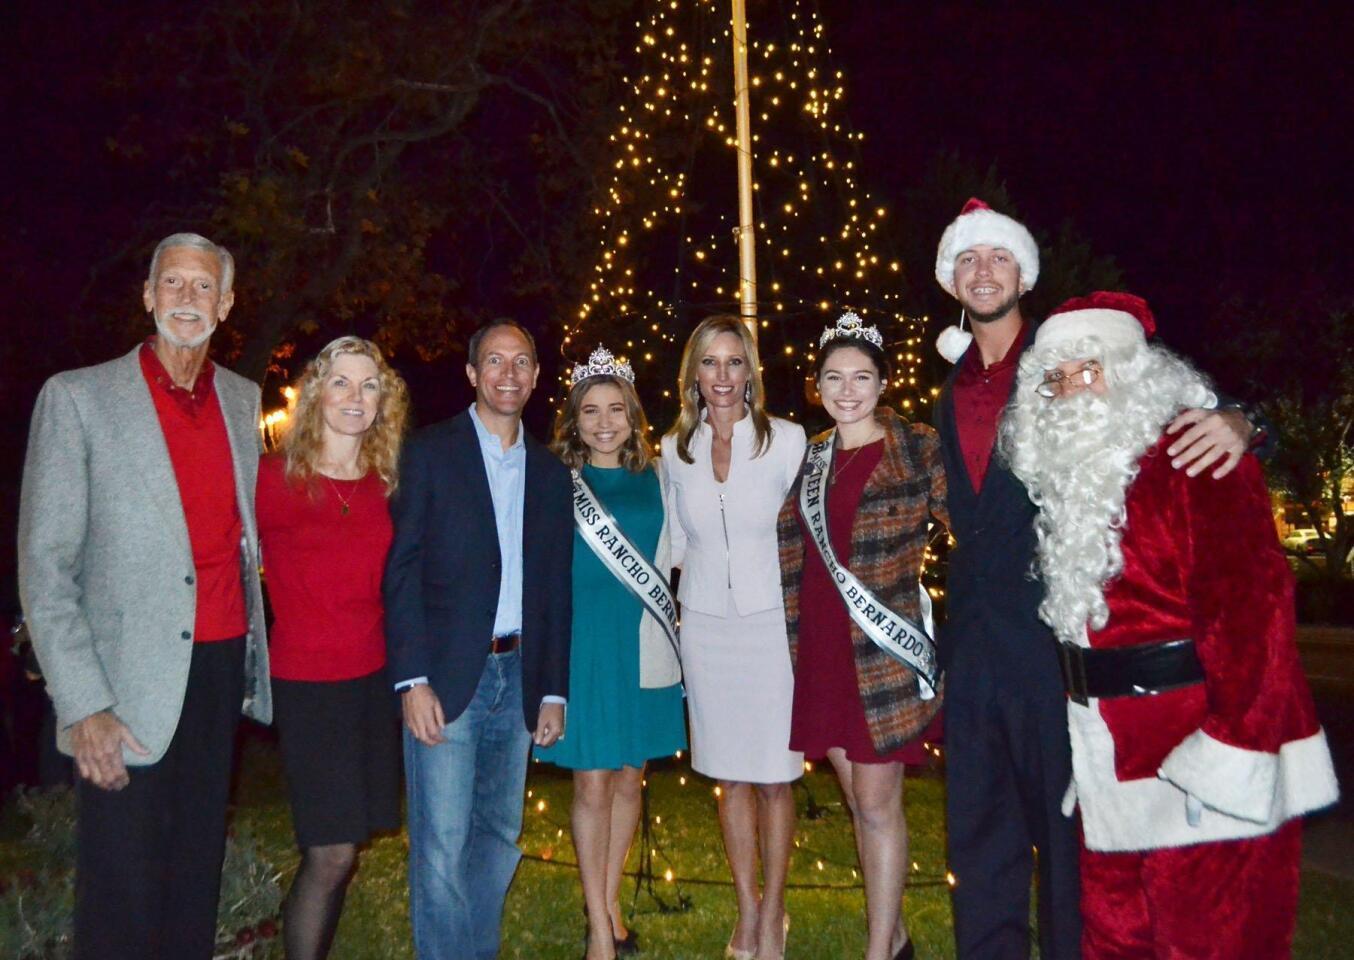 Rancho Bernardo Christmas tree and menorah lighting - 12/11/2018